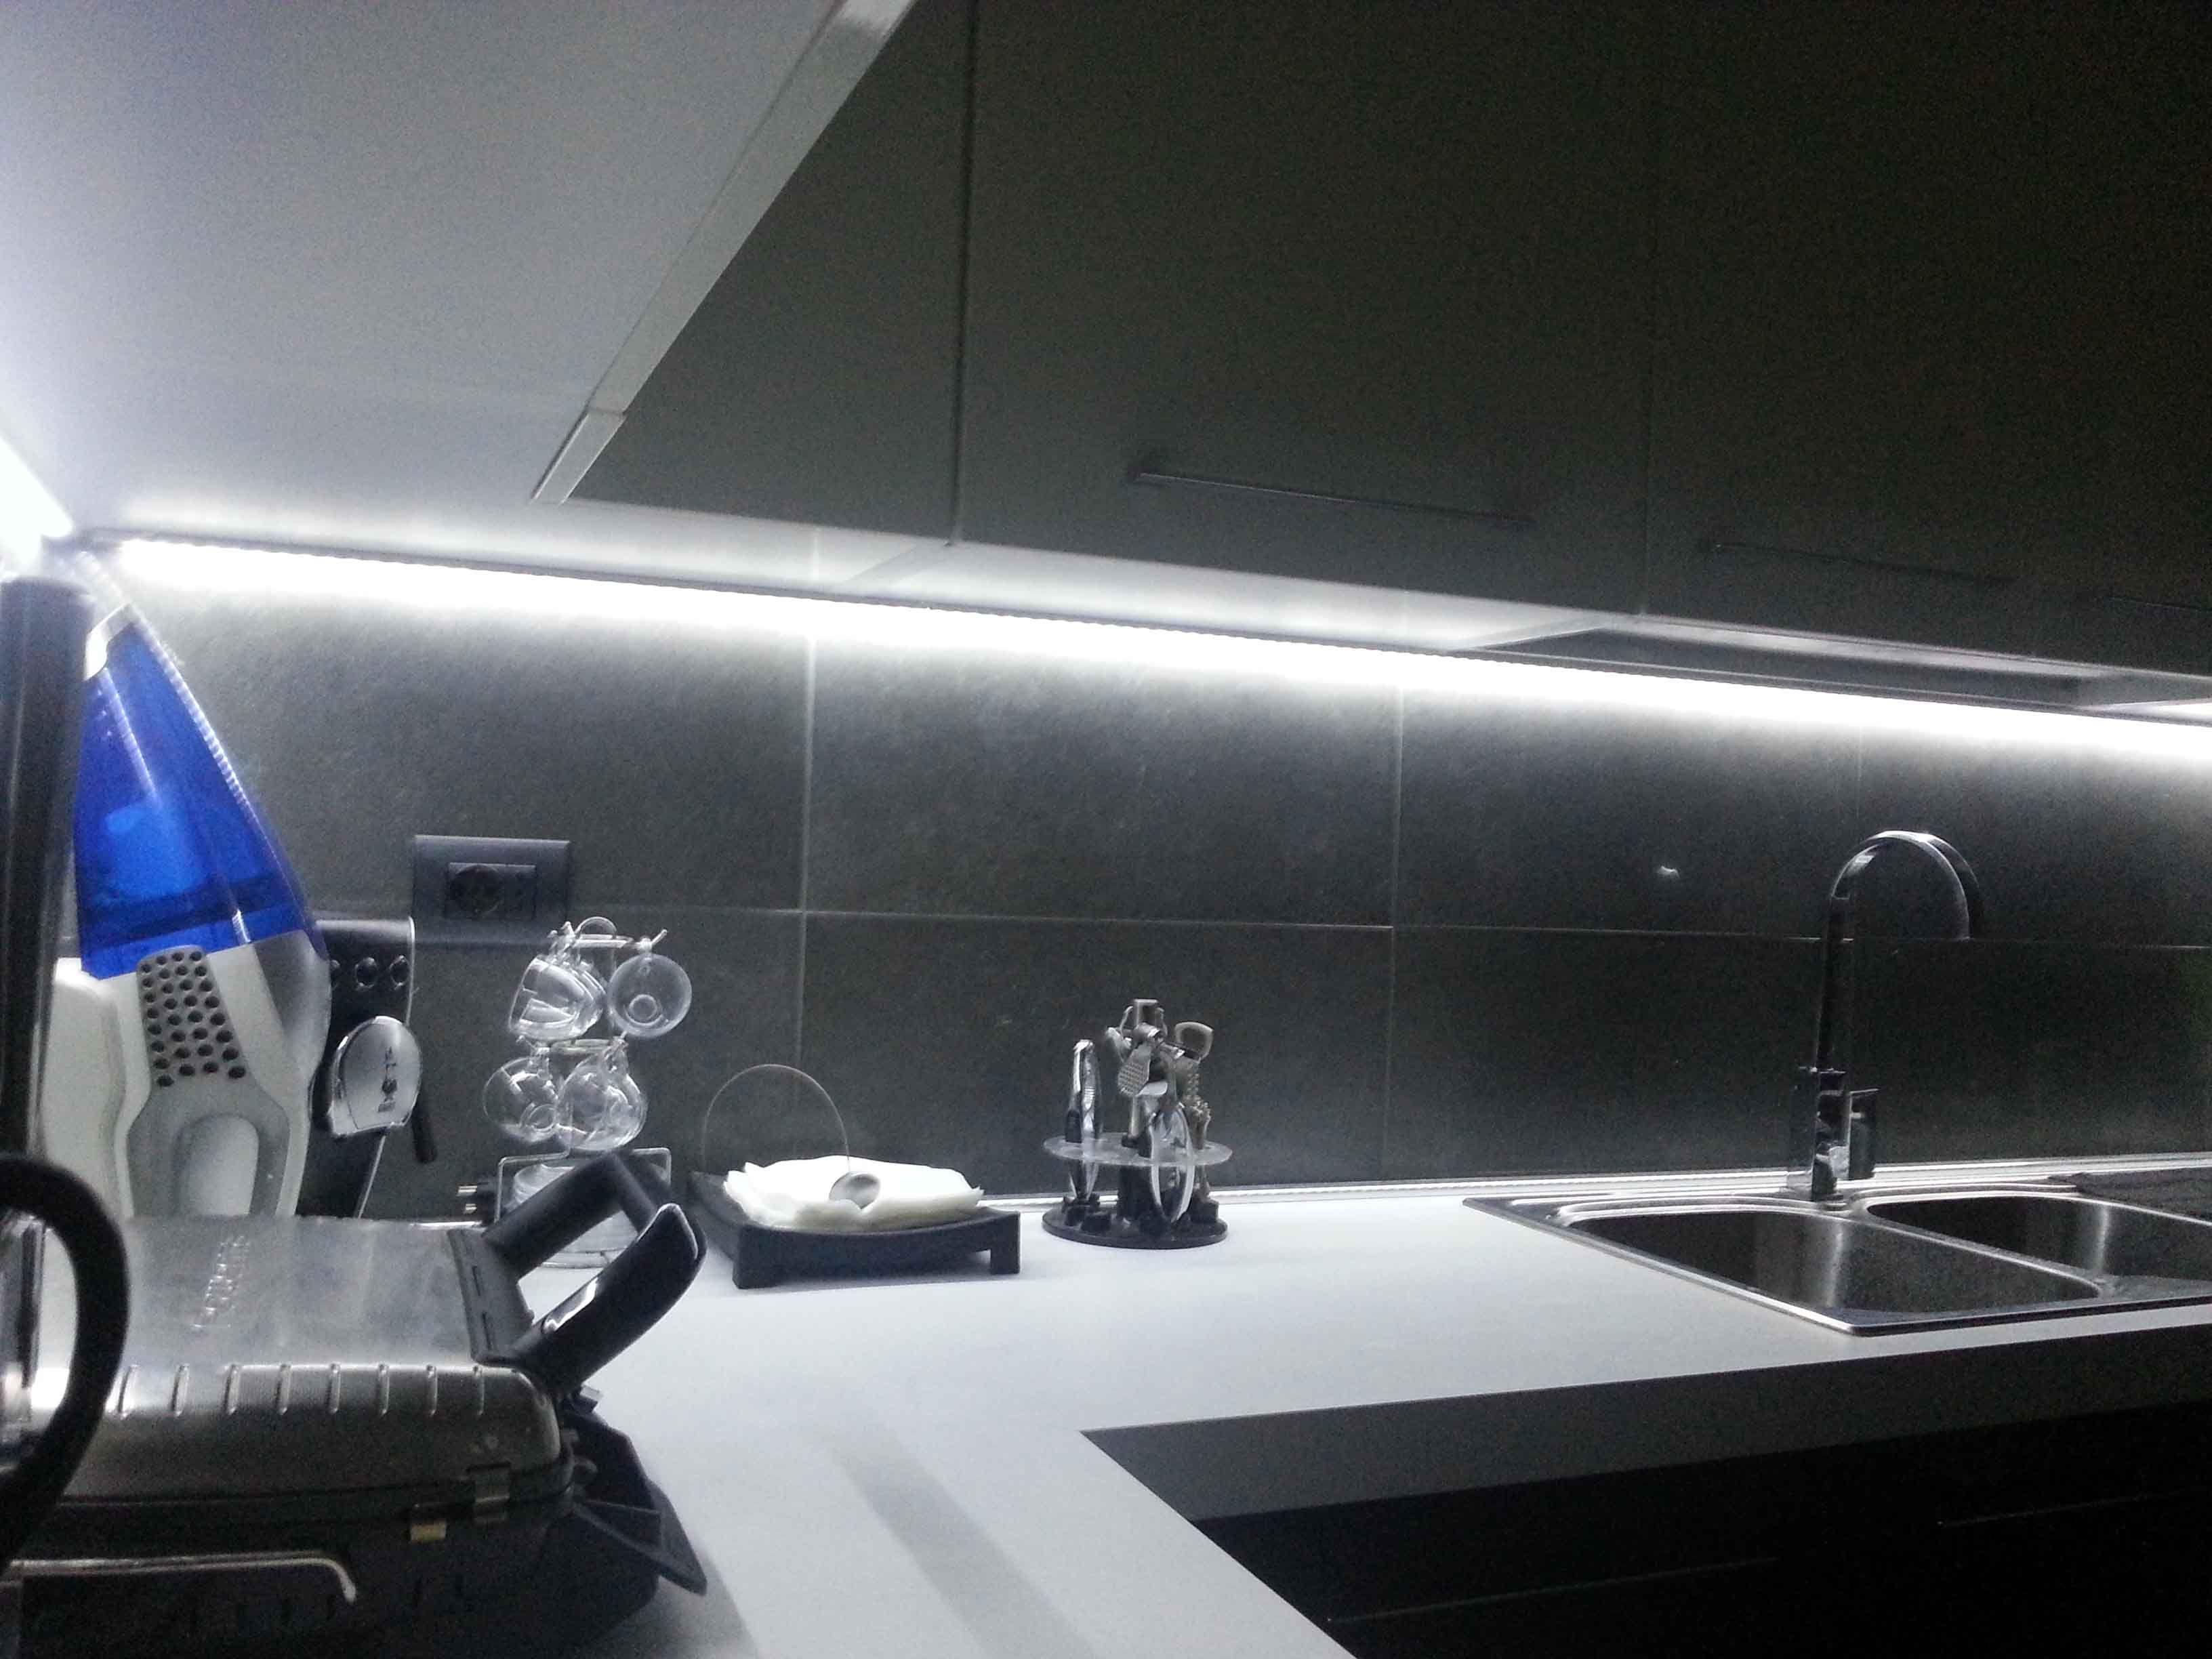 Il piano di una cucina illuminato da una striscia led bianca strisce led pinterest - Illuminazione sottopensile cucina ...